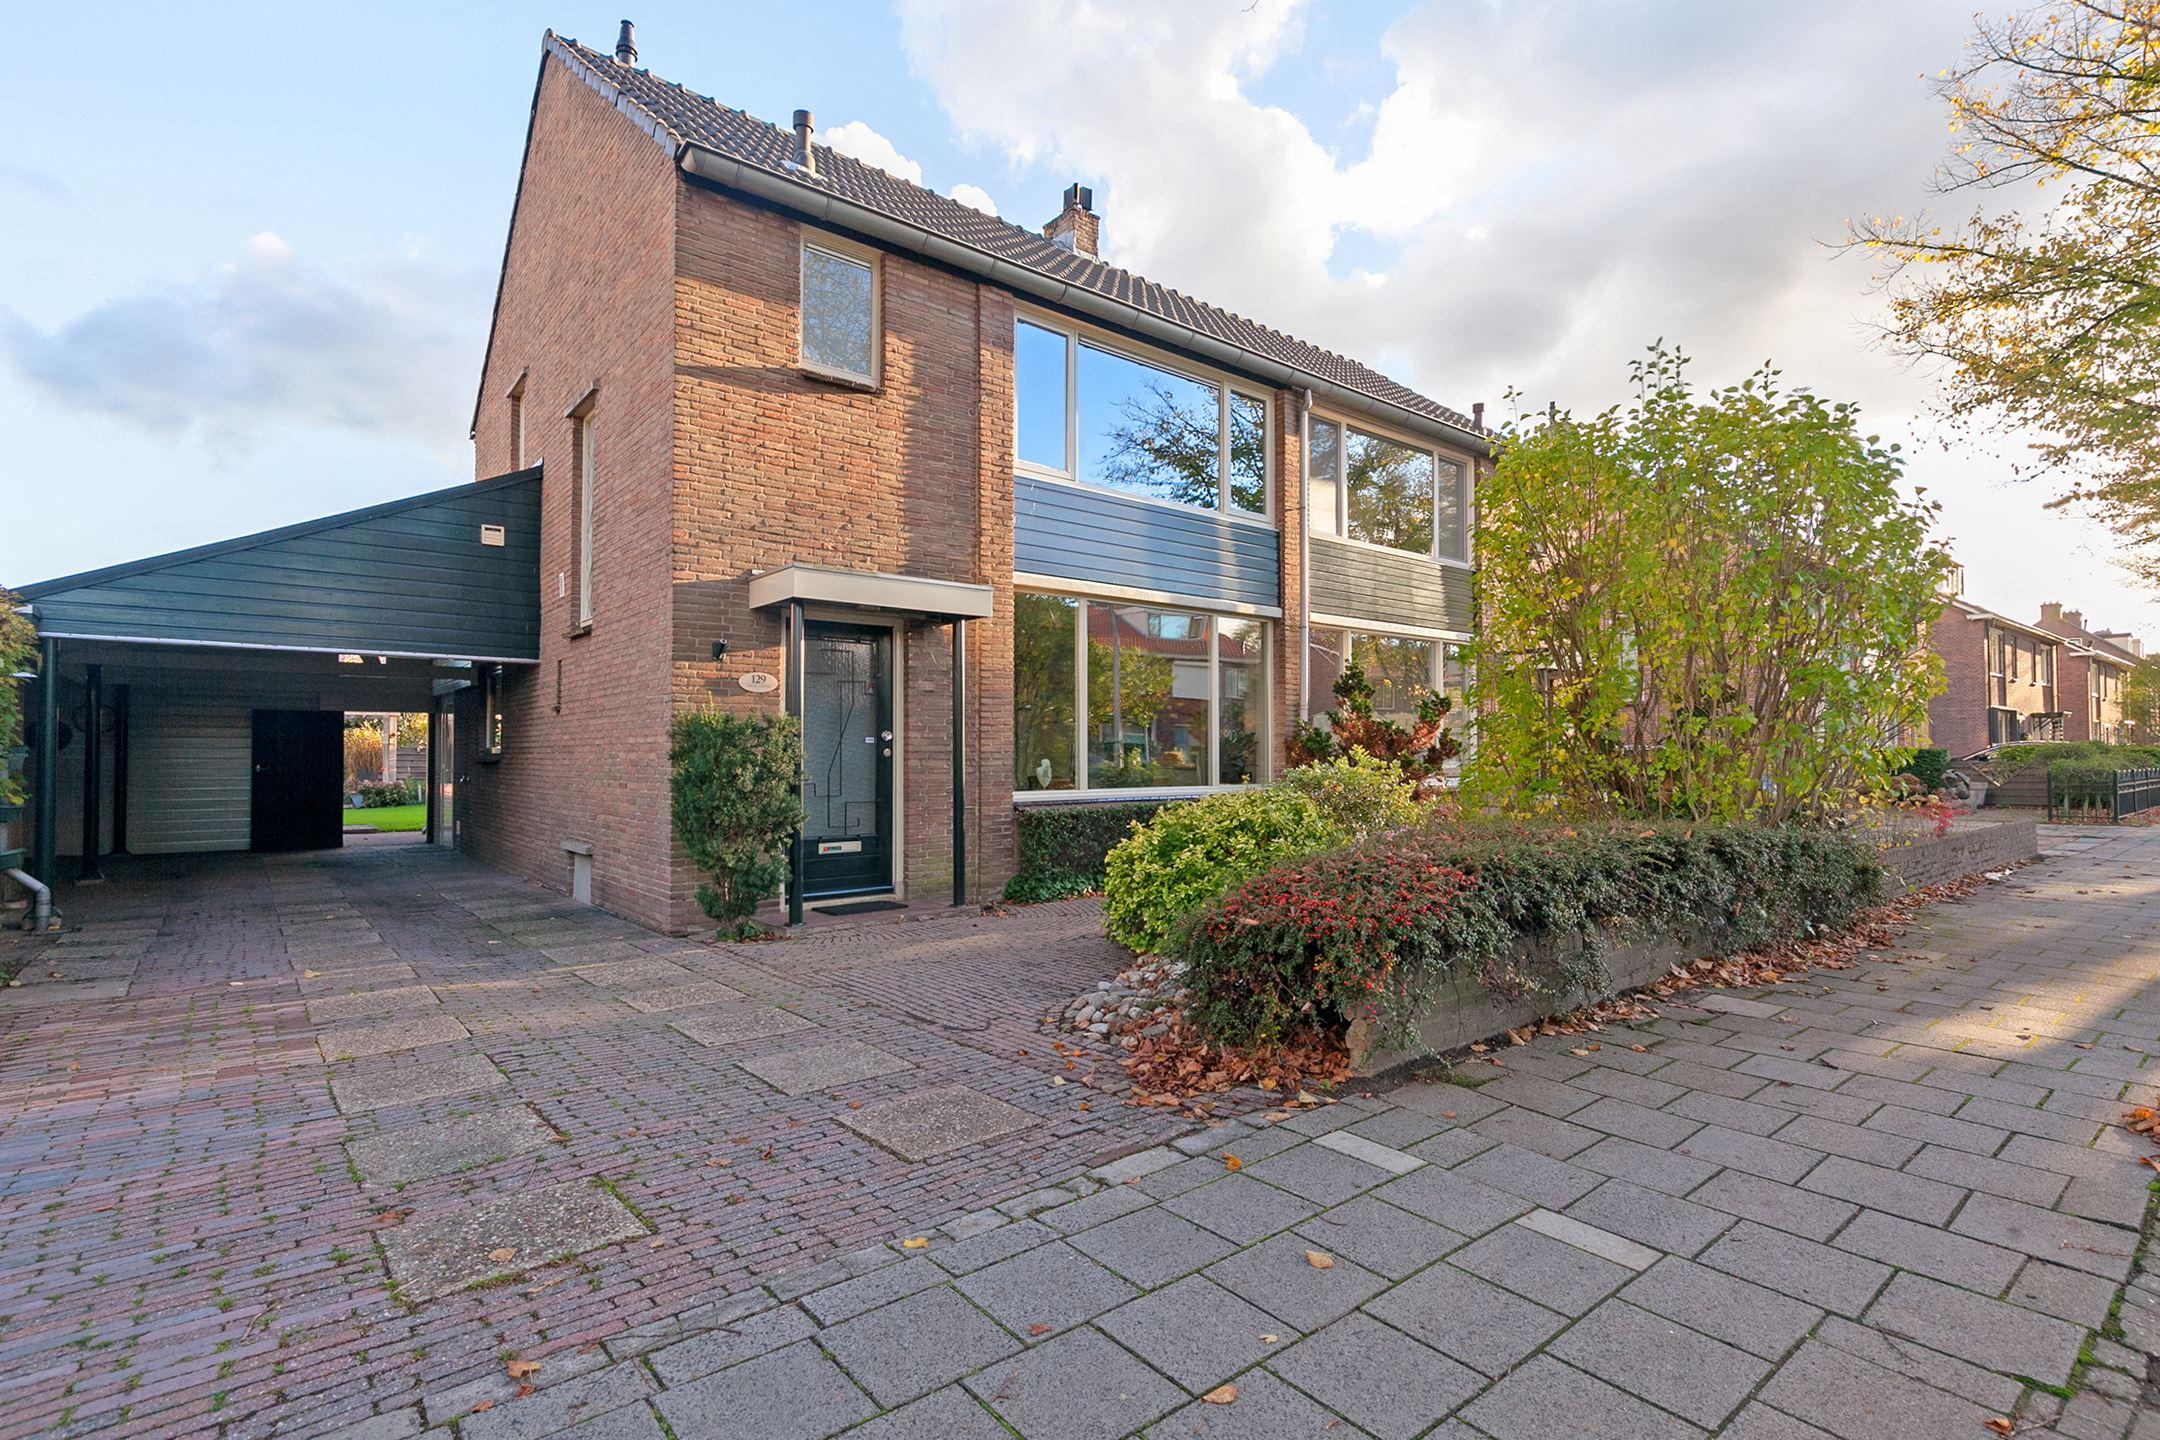 Verkocht Oranjestraat 129 2983 Hp Ridderkerk Funda